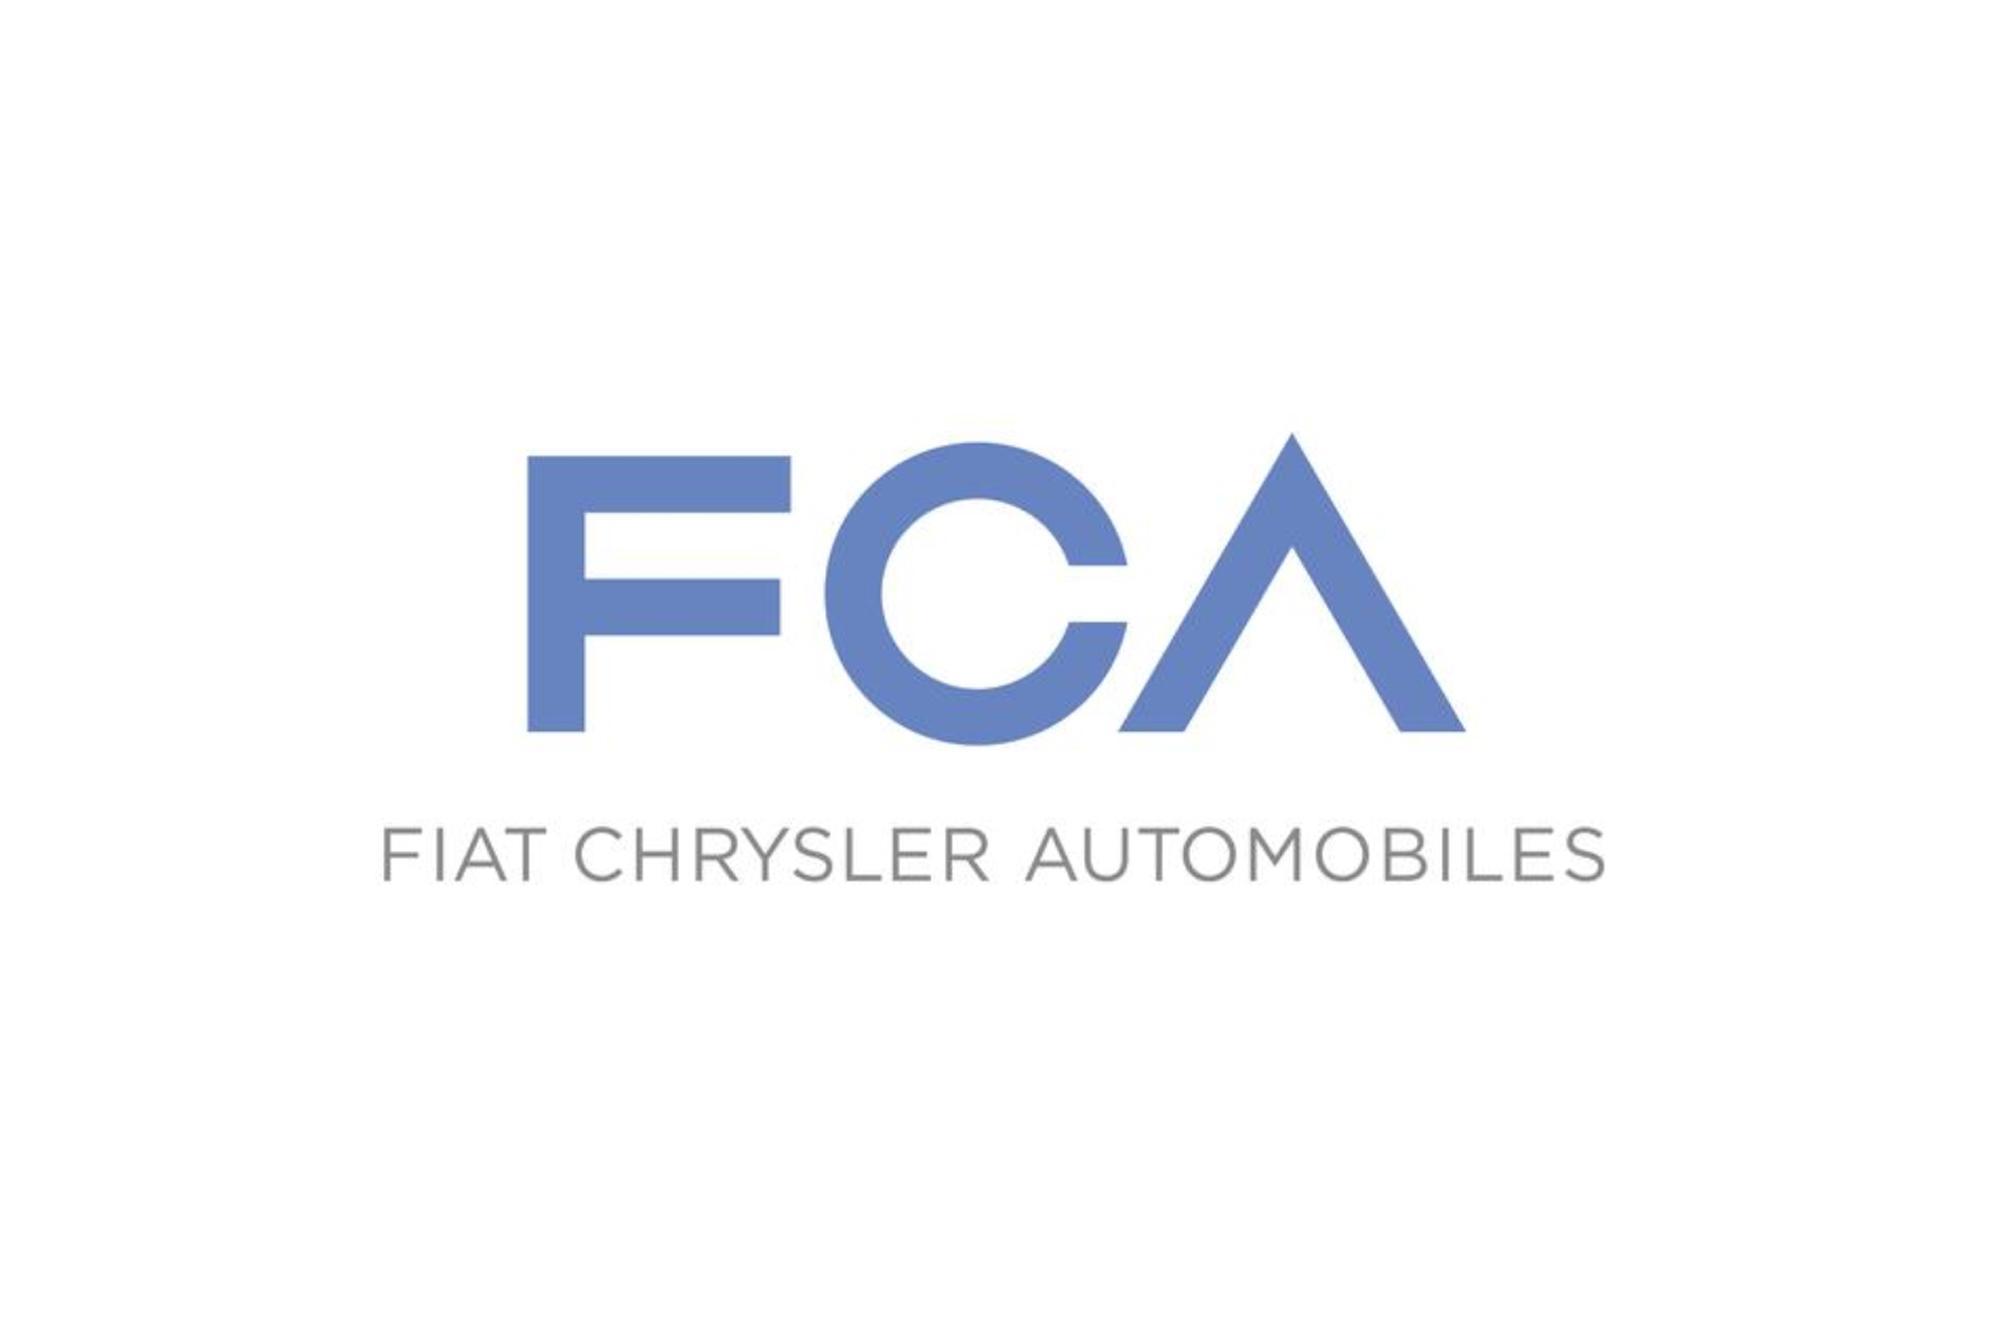 Η FCA λαμβάνει μέτρα προστασίας